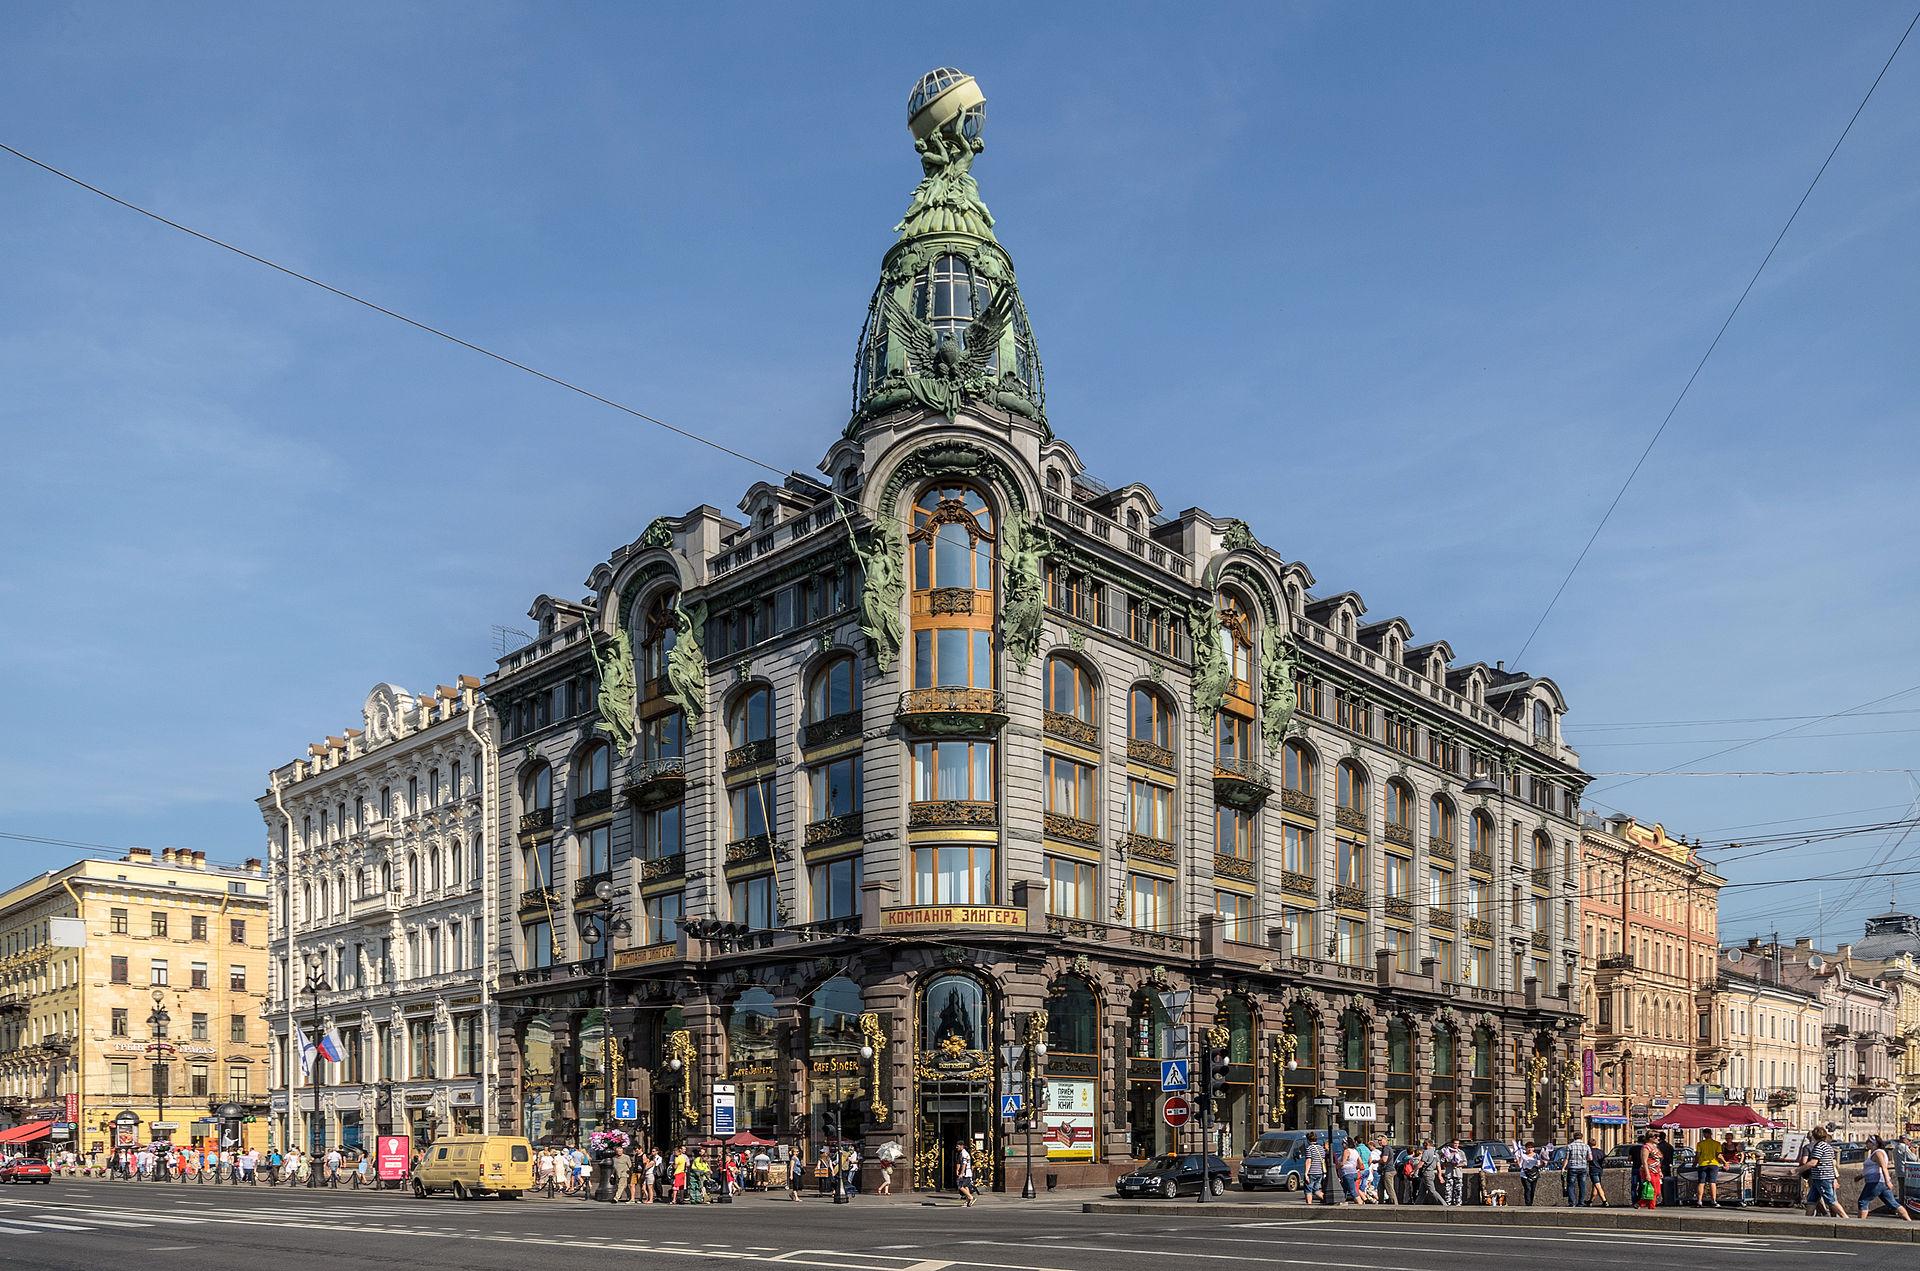 เซนต์ปีเตอร์สเบิร์ก-ห้างสรรพสินค้า